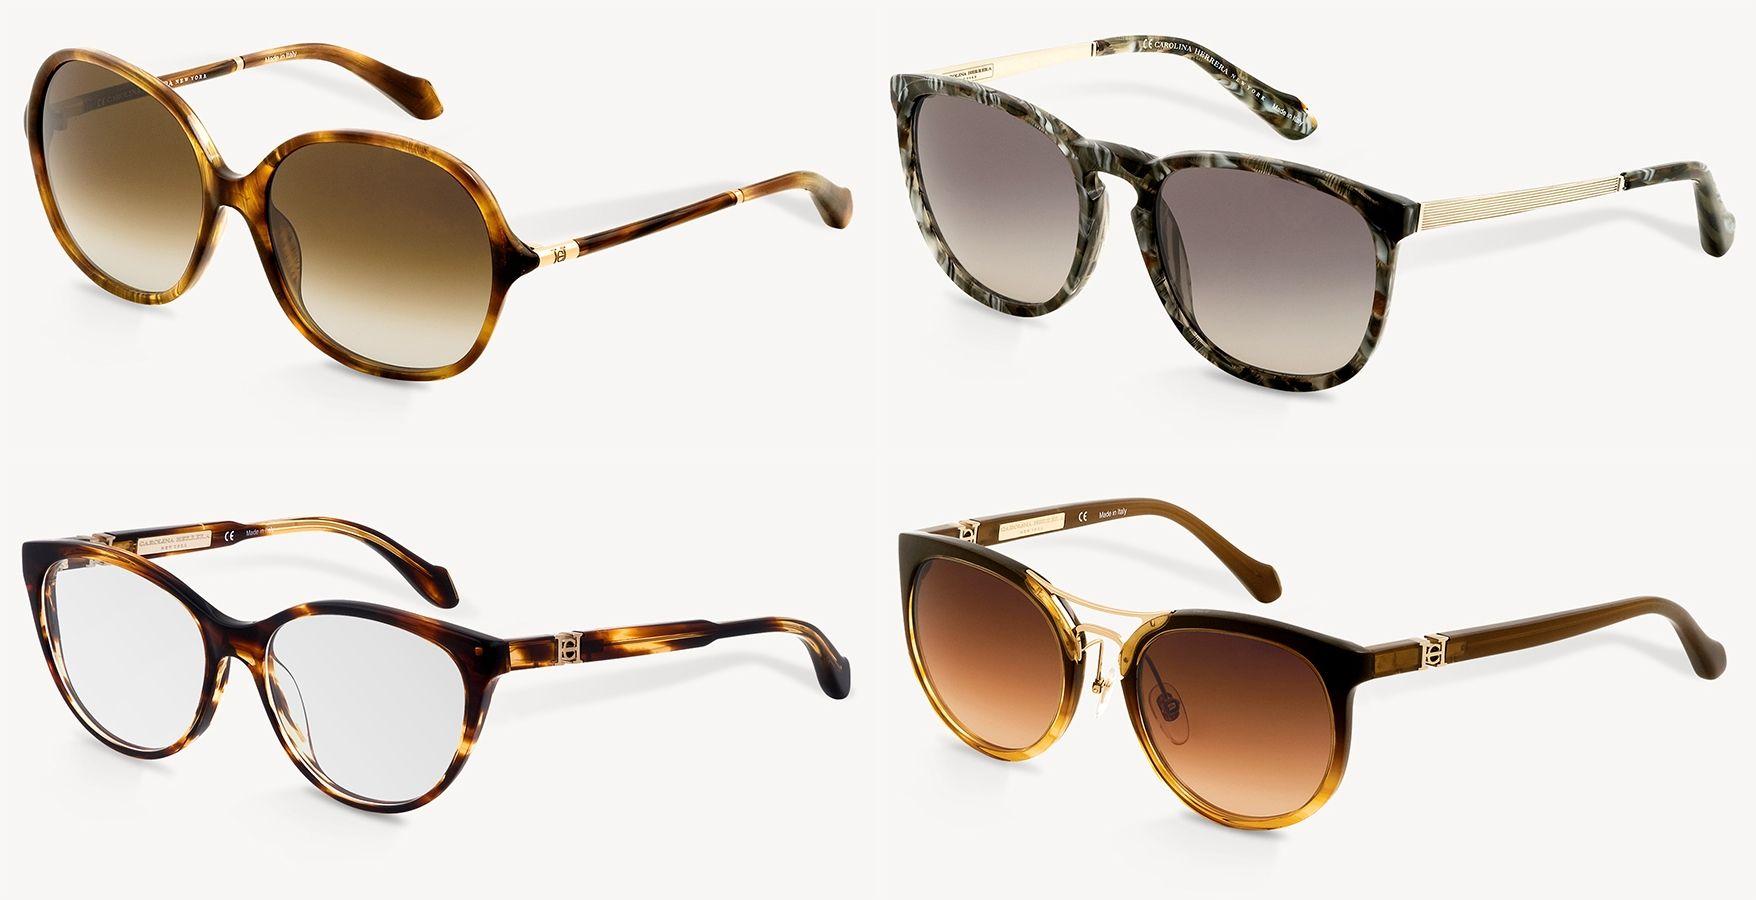 Os óculos Carolina Herrera representam a mulher contemporânea, que segue  tendências mas que tem estilo e5a35daa84